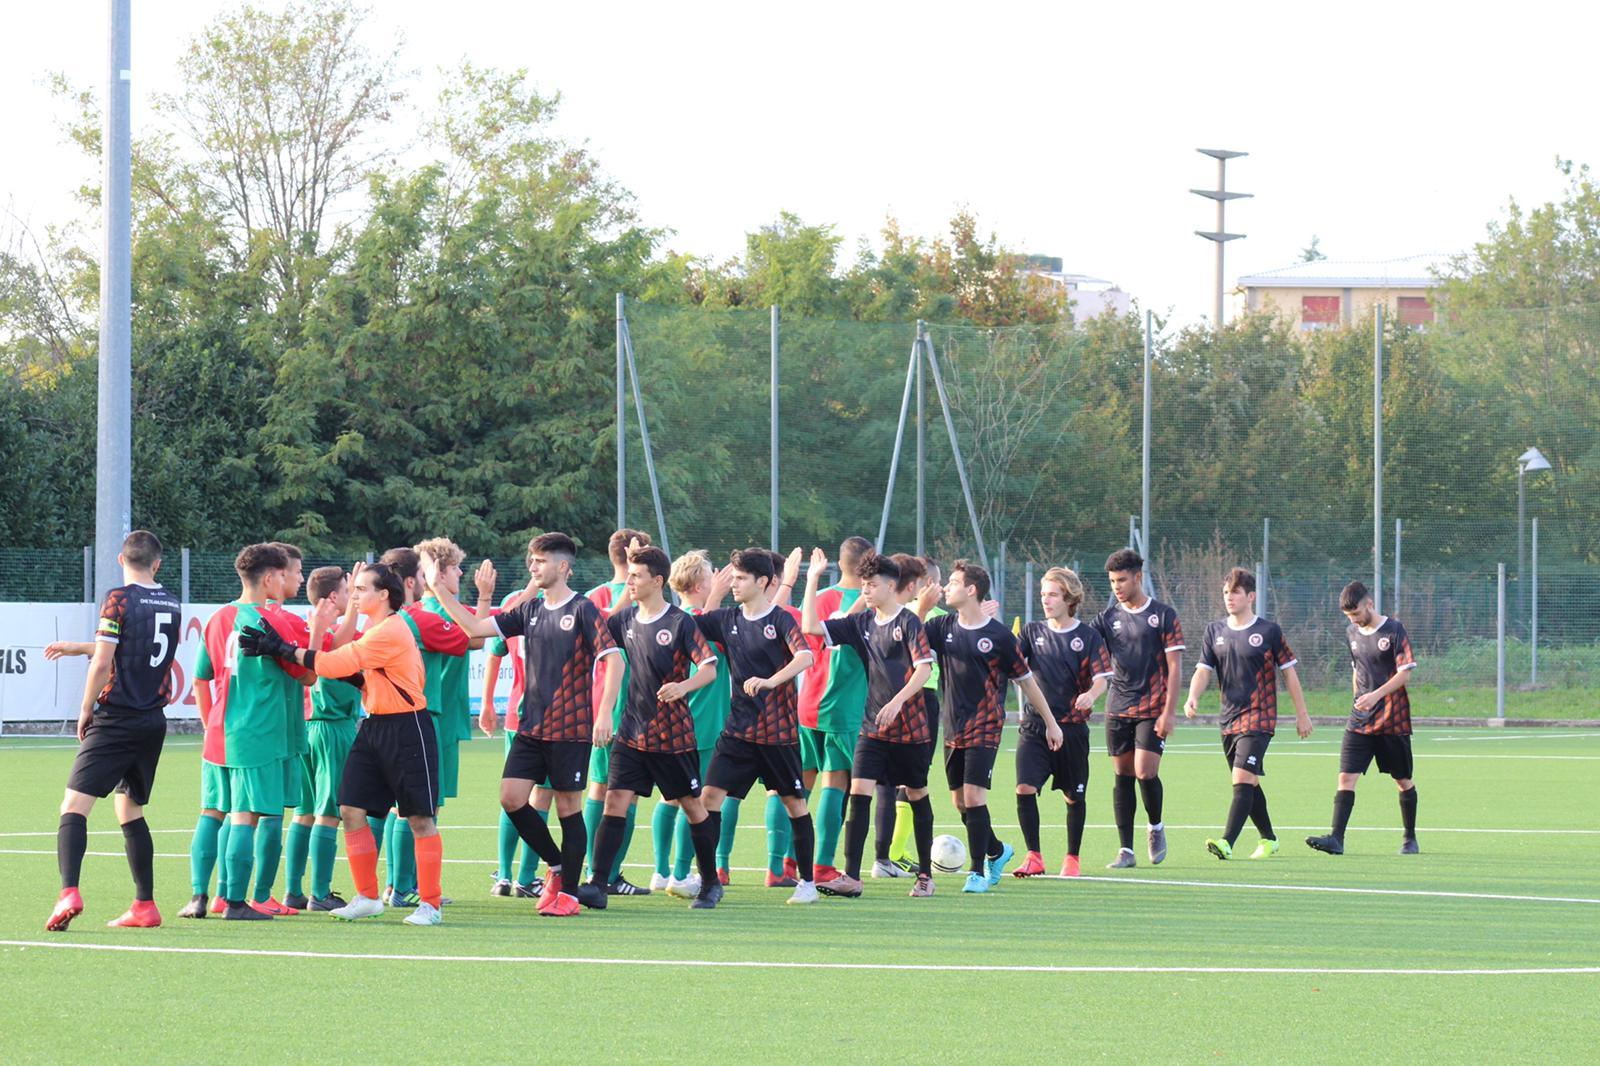 JUNIORES REGIONALI A UNDER 19 Campionato 5 giornata:   LEON vs SPERANZA AGRATE  2 – 2